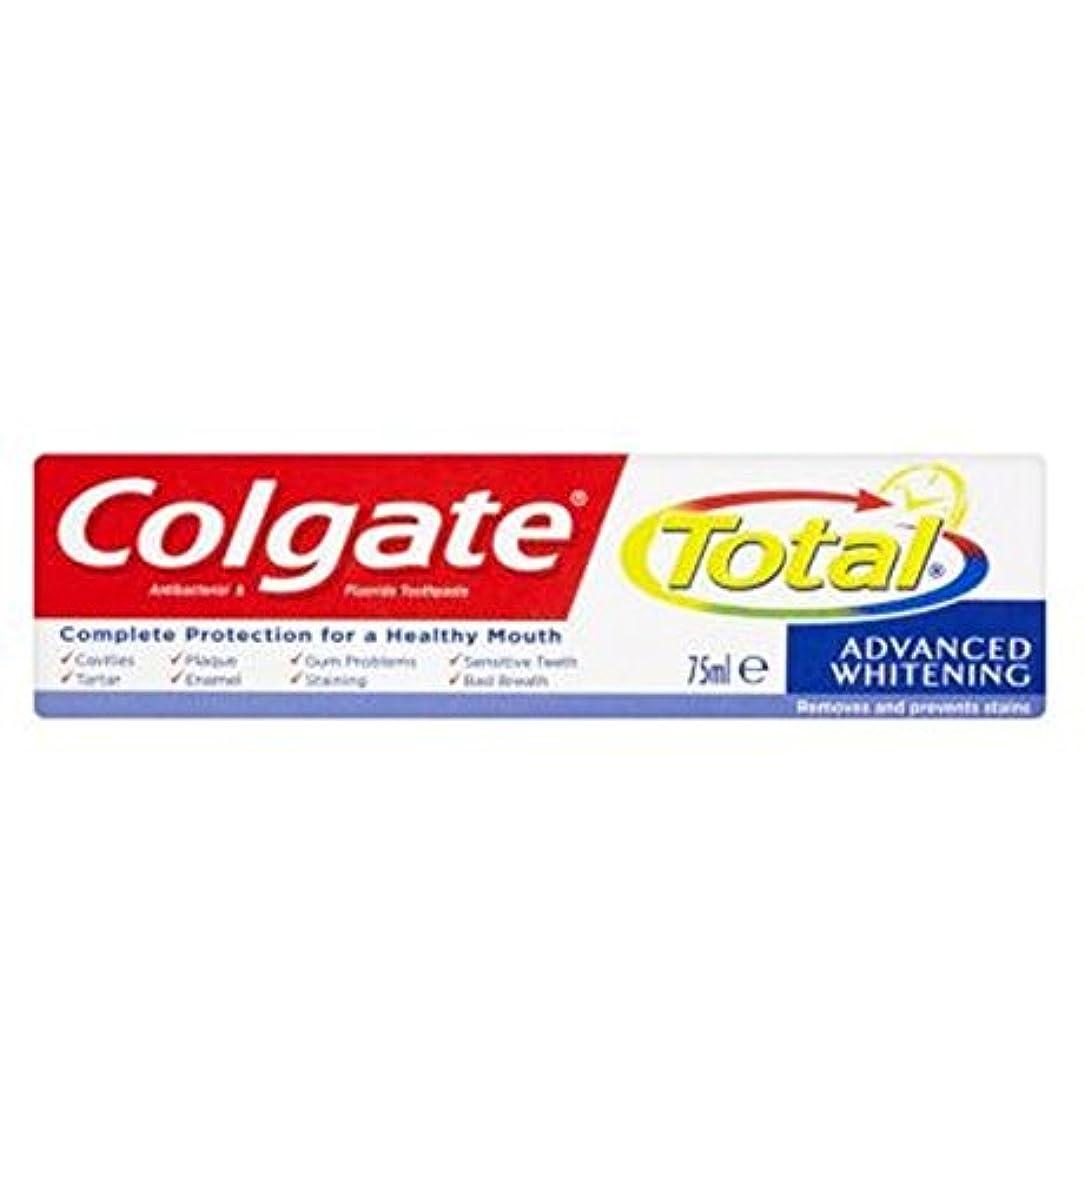 ペチュランス日帰り旅行に電報コルゲートトータル高度なホワイトニング歯磨き粉75ミリリットル (Colgate) (x2) - Colgate Total Advanced Whitening toothpaste 75ml (Pack of 2)...